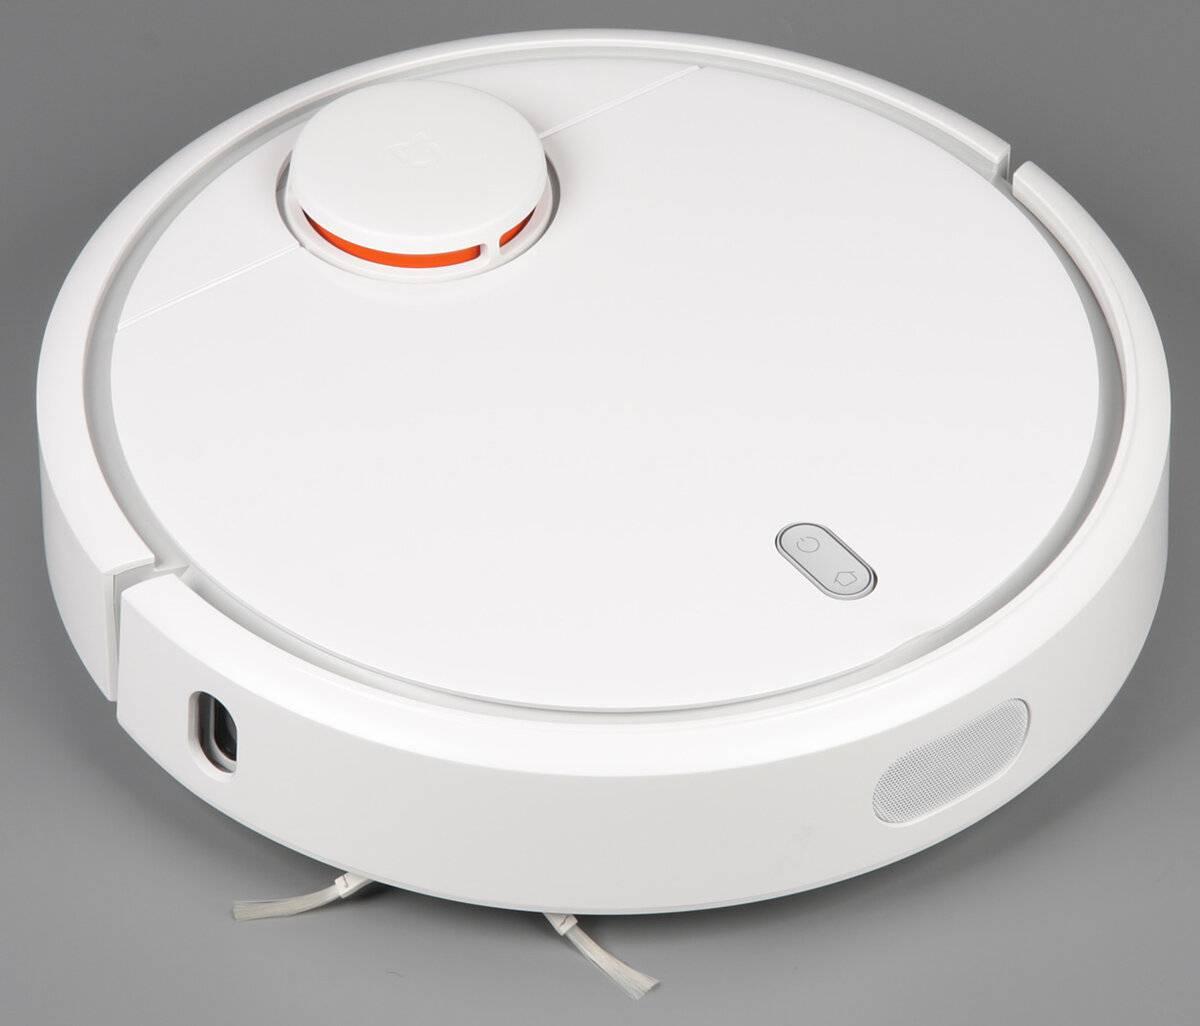 Как подключить и настроить все устройства умного дома xiaomi